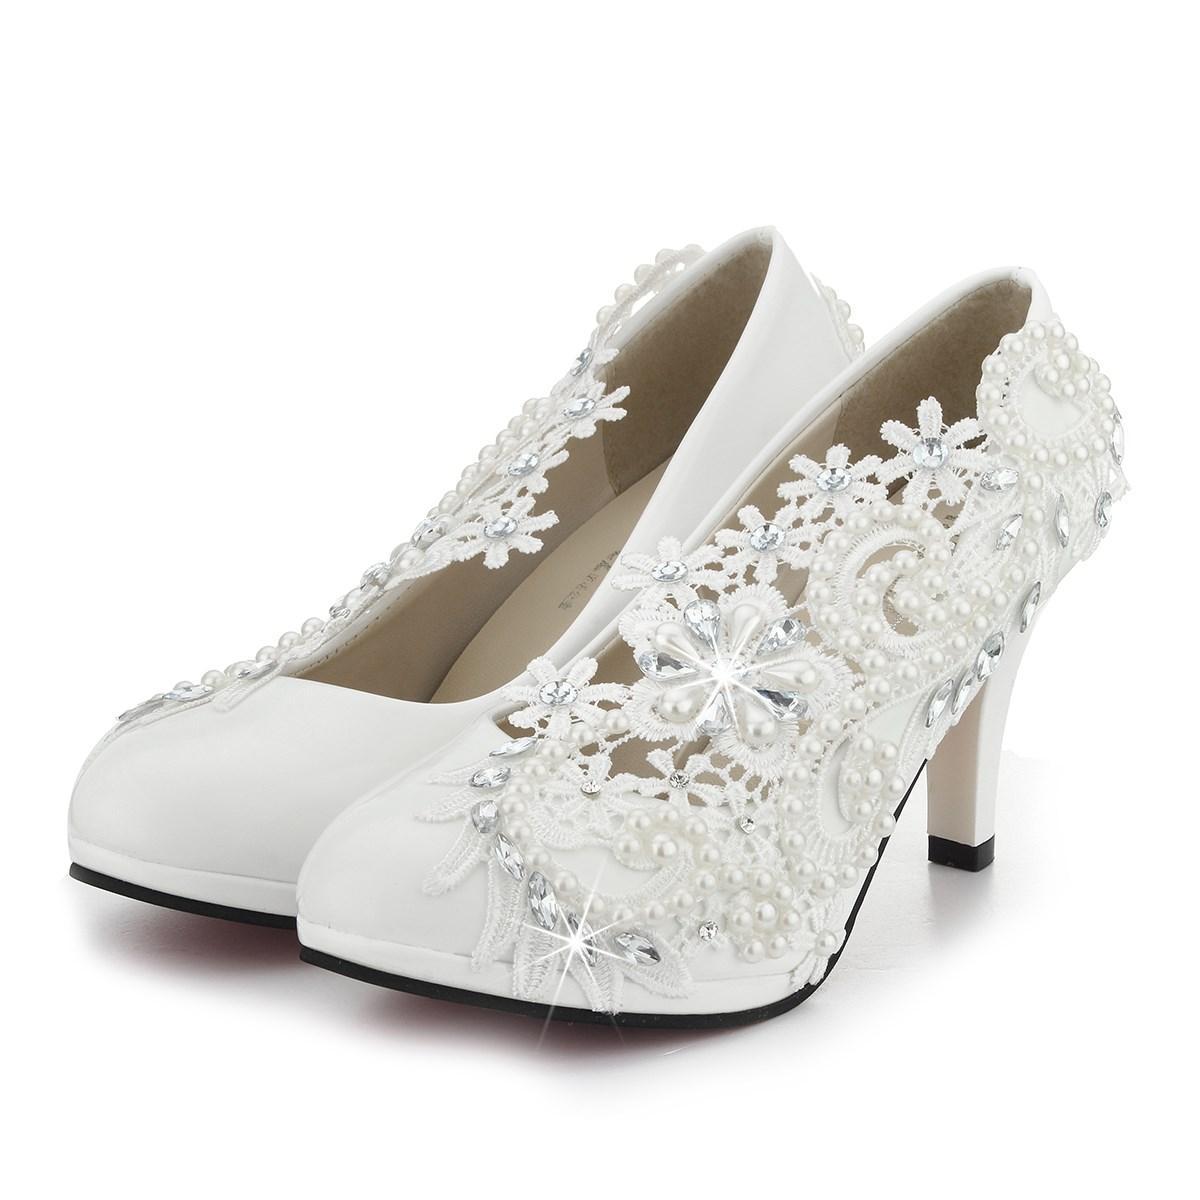 b82164db180 Compre Bombas Hechas A Mano De Encaje De Perlas Zapatos De Boda Rhinestones  Zapatos Nupciales Blancos Vestido De Banquete De Dama De Honor Mujeres 8 Cm  ...